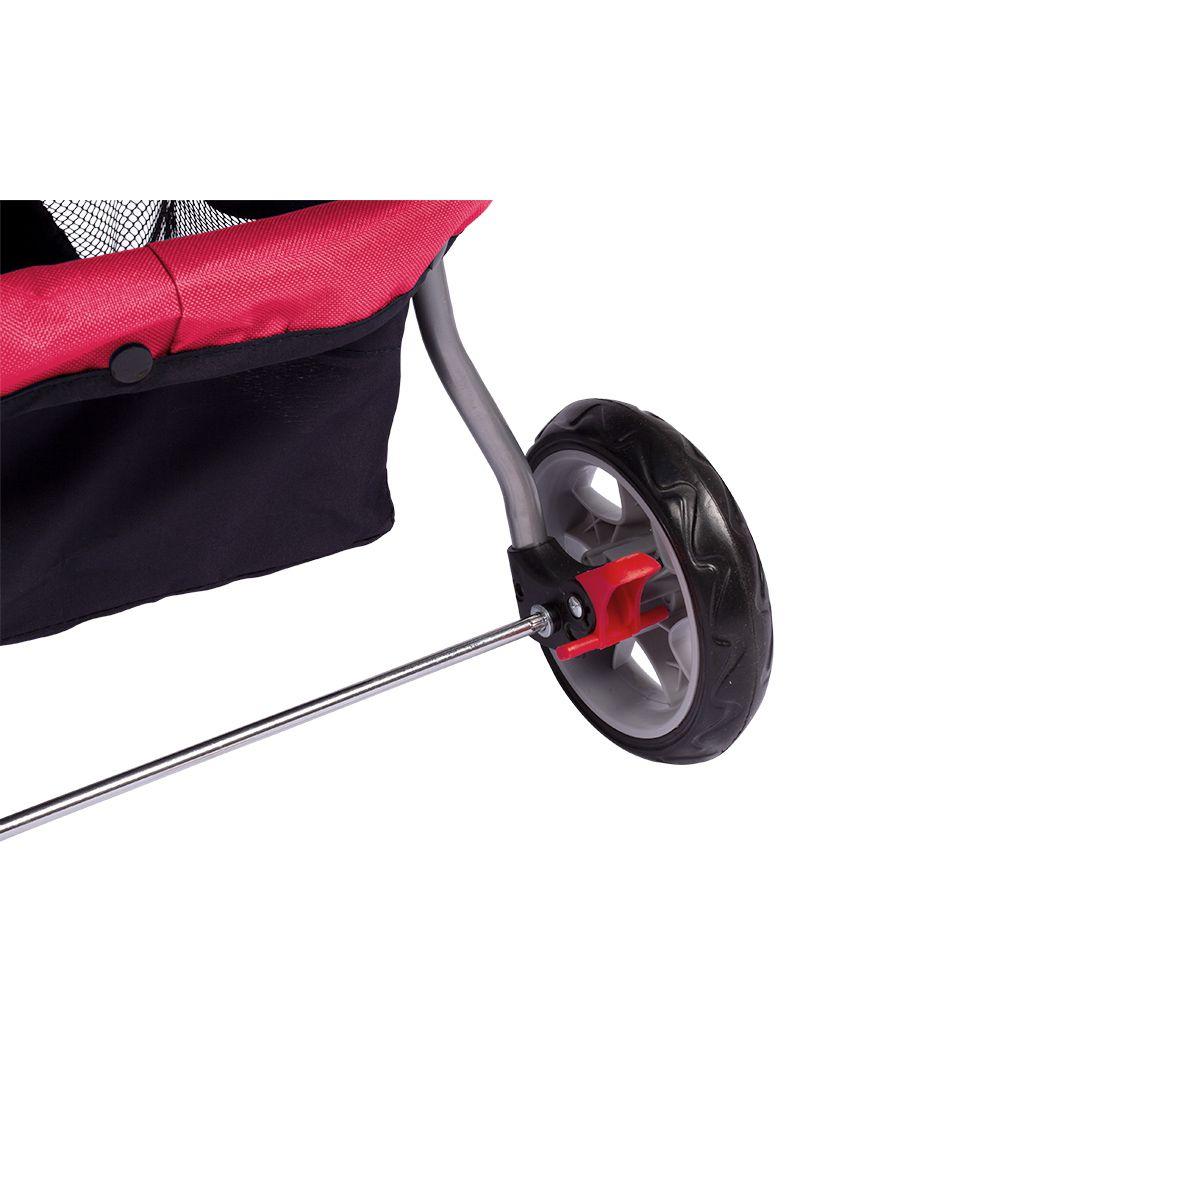 Carrinho Dog Fly modelo Comfort Pet - Vermelho